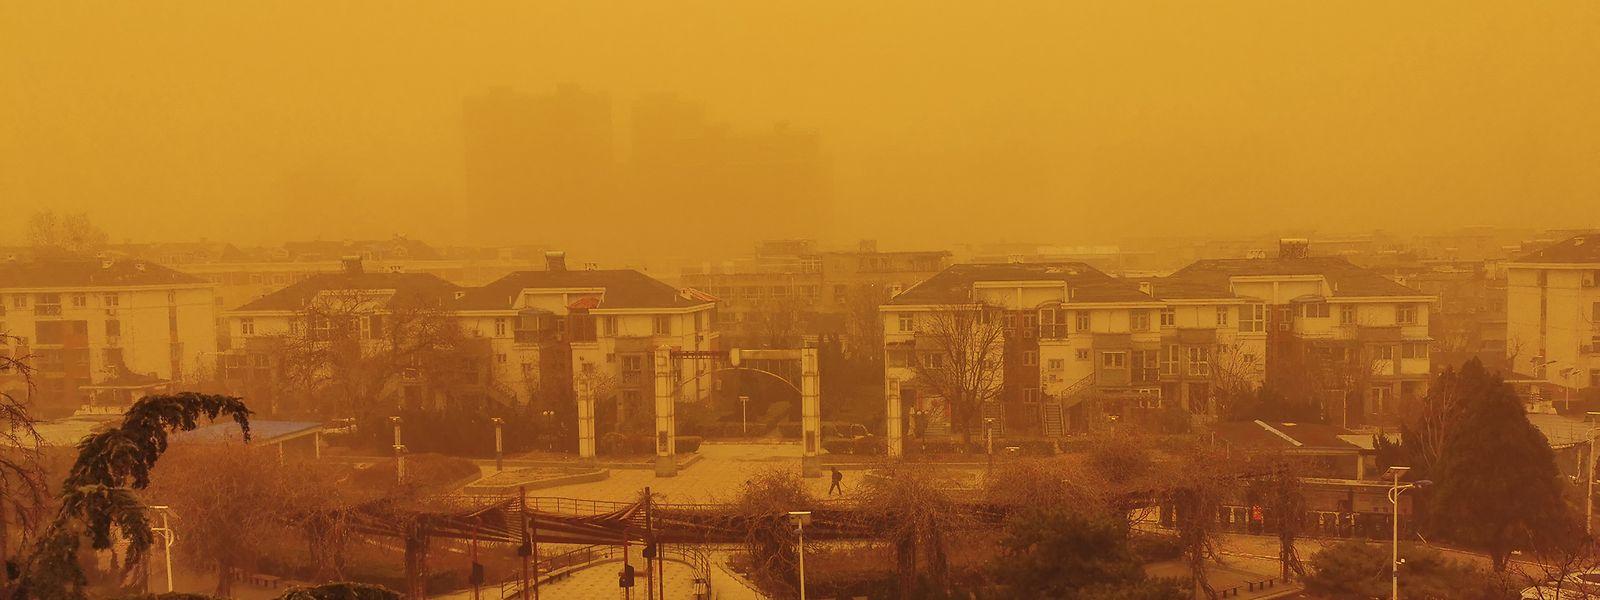 Ein starker Sandsturm hüllt die chinesische Hauptstadt in ein orangenes Licht.